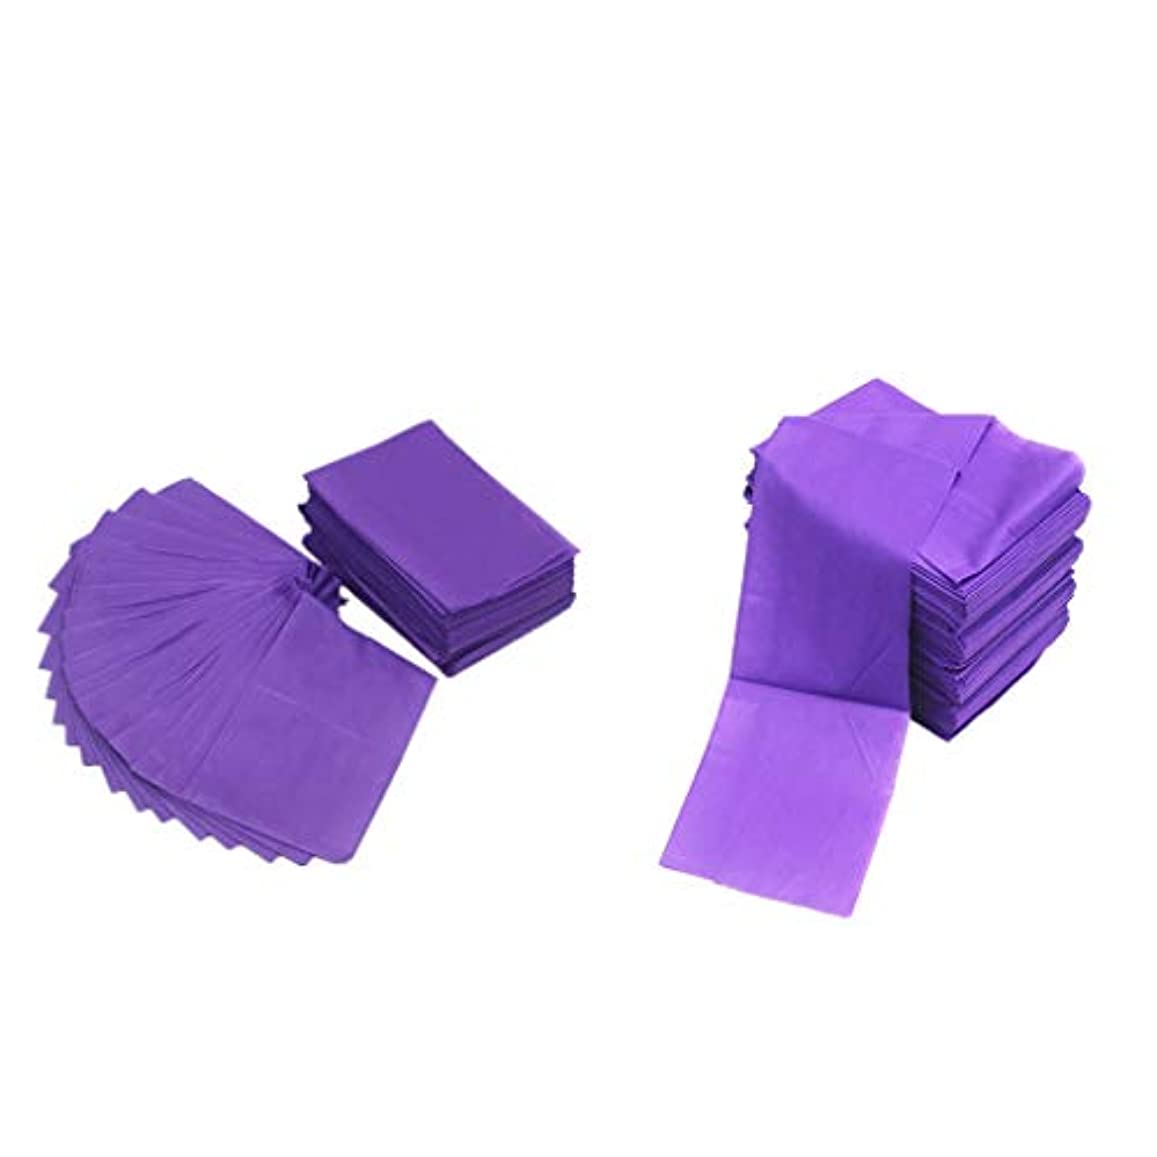 パラシュート珍味どこかテーブルシーツ ベッドカバー マッサージ ベットシート 不織布 使い捨て 防水 パープル 20ピースセット